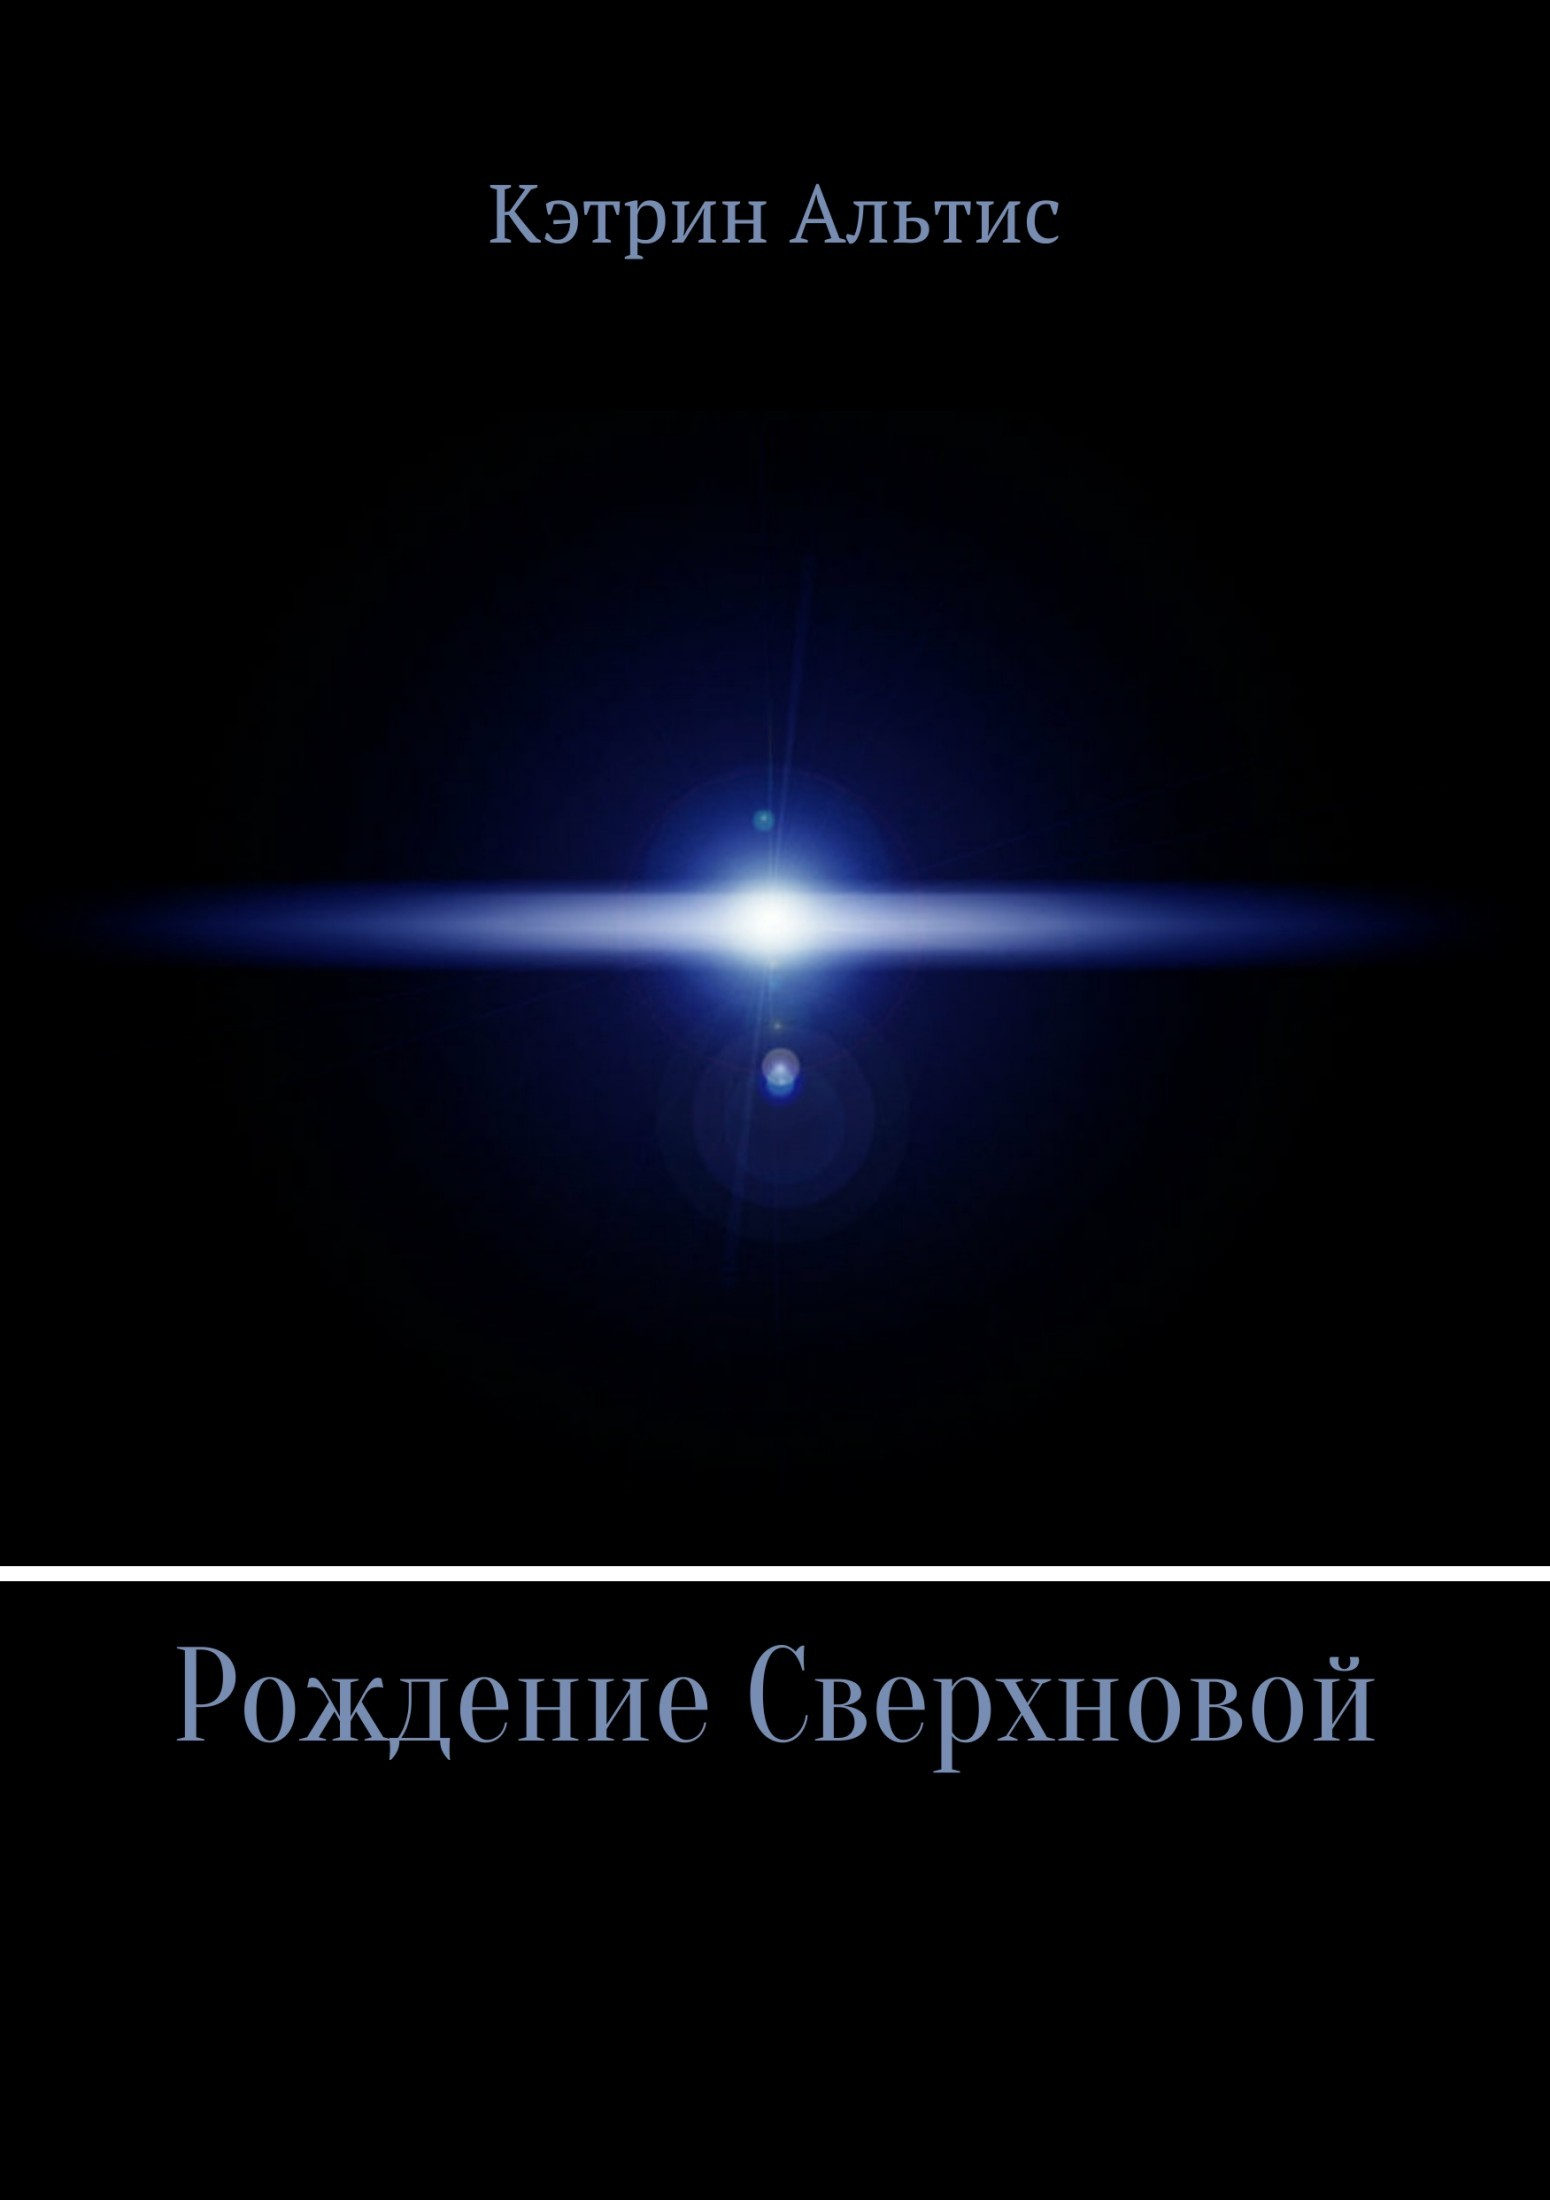 Кэтрин Альтис Рождение Сверхновой маркелов о матюшкин а кровь эпама рождение героев